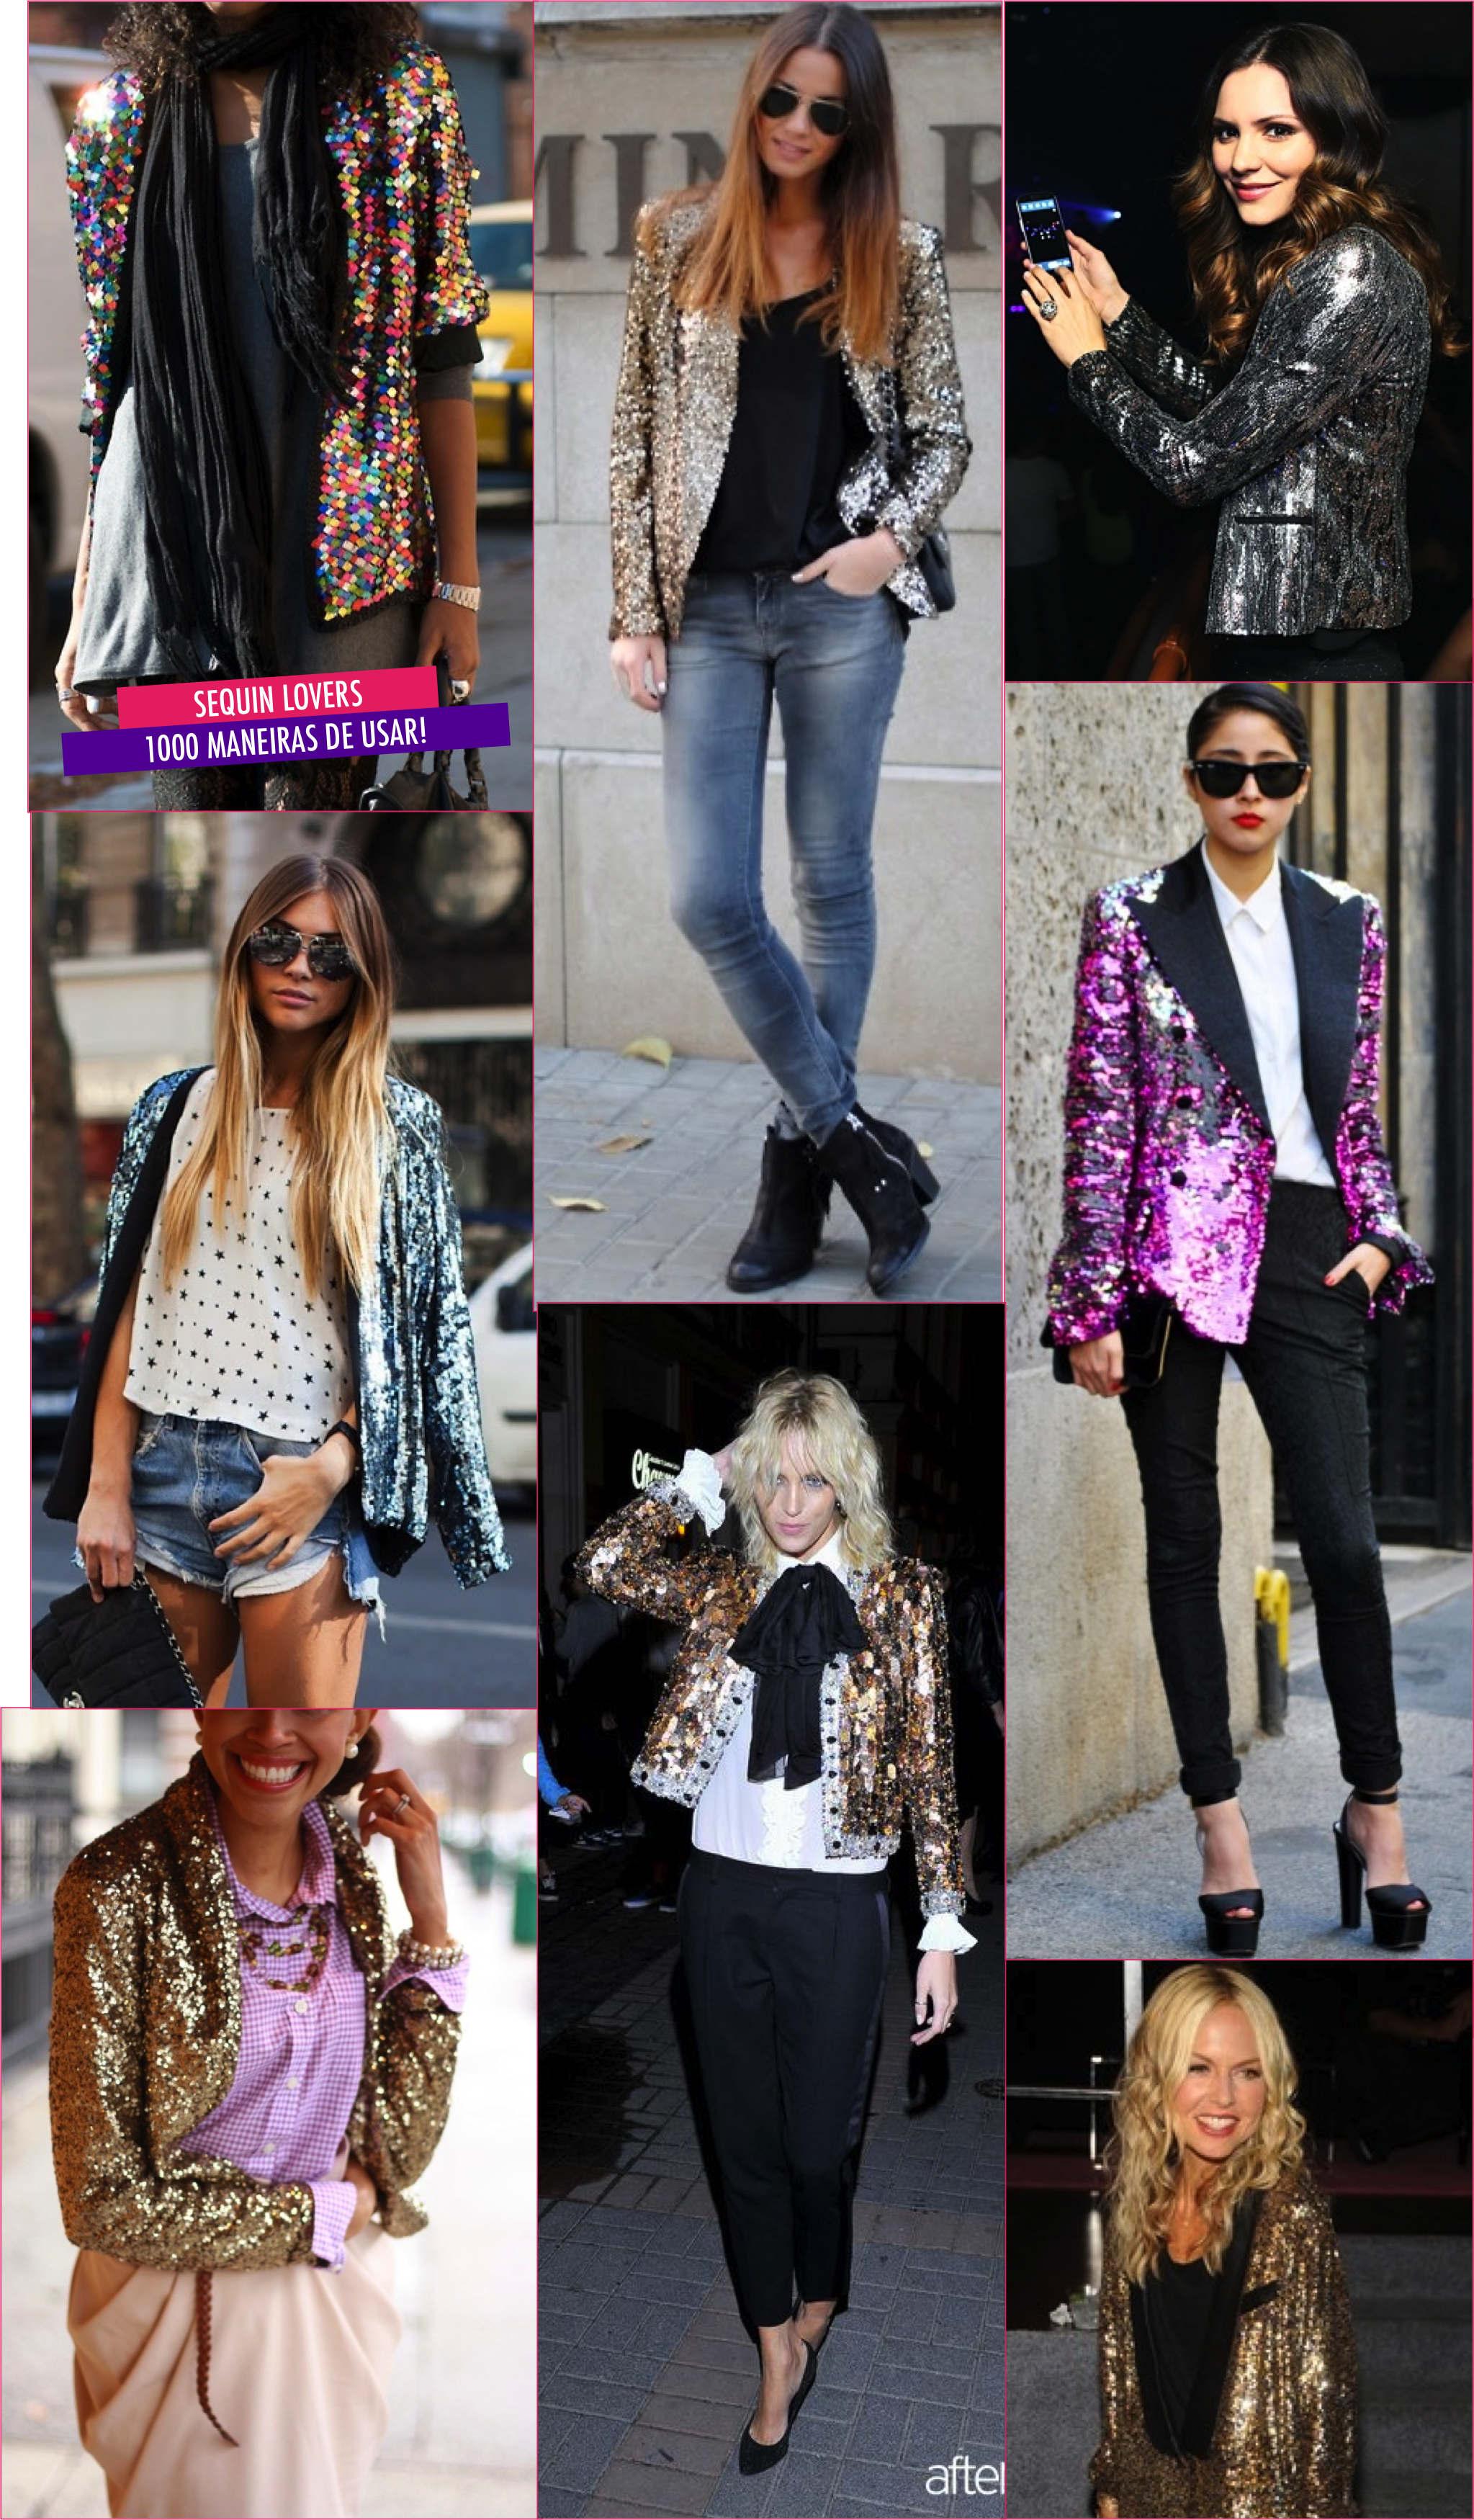 9eda24ac9afb7 Fashionismo - Página 1153 de 2710 - News